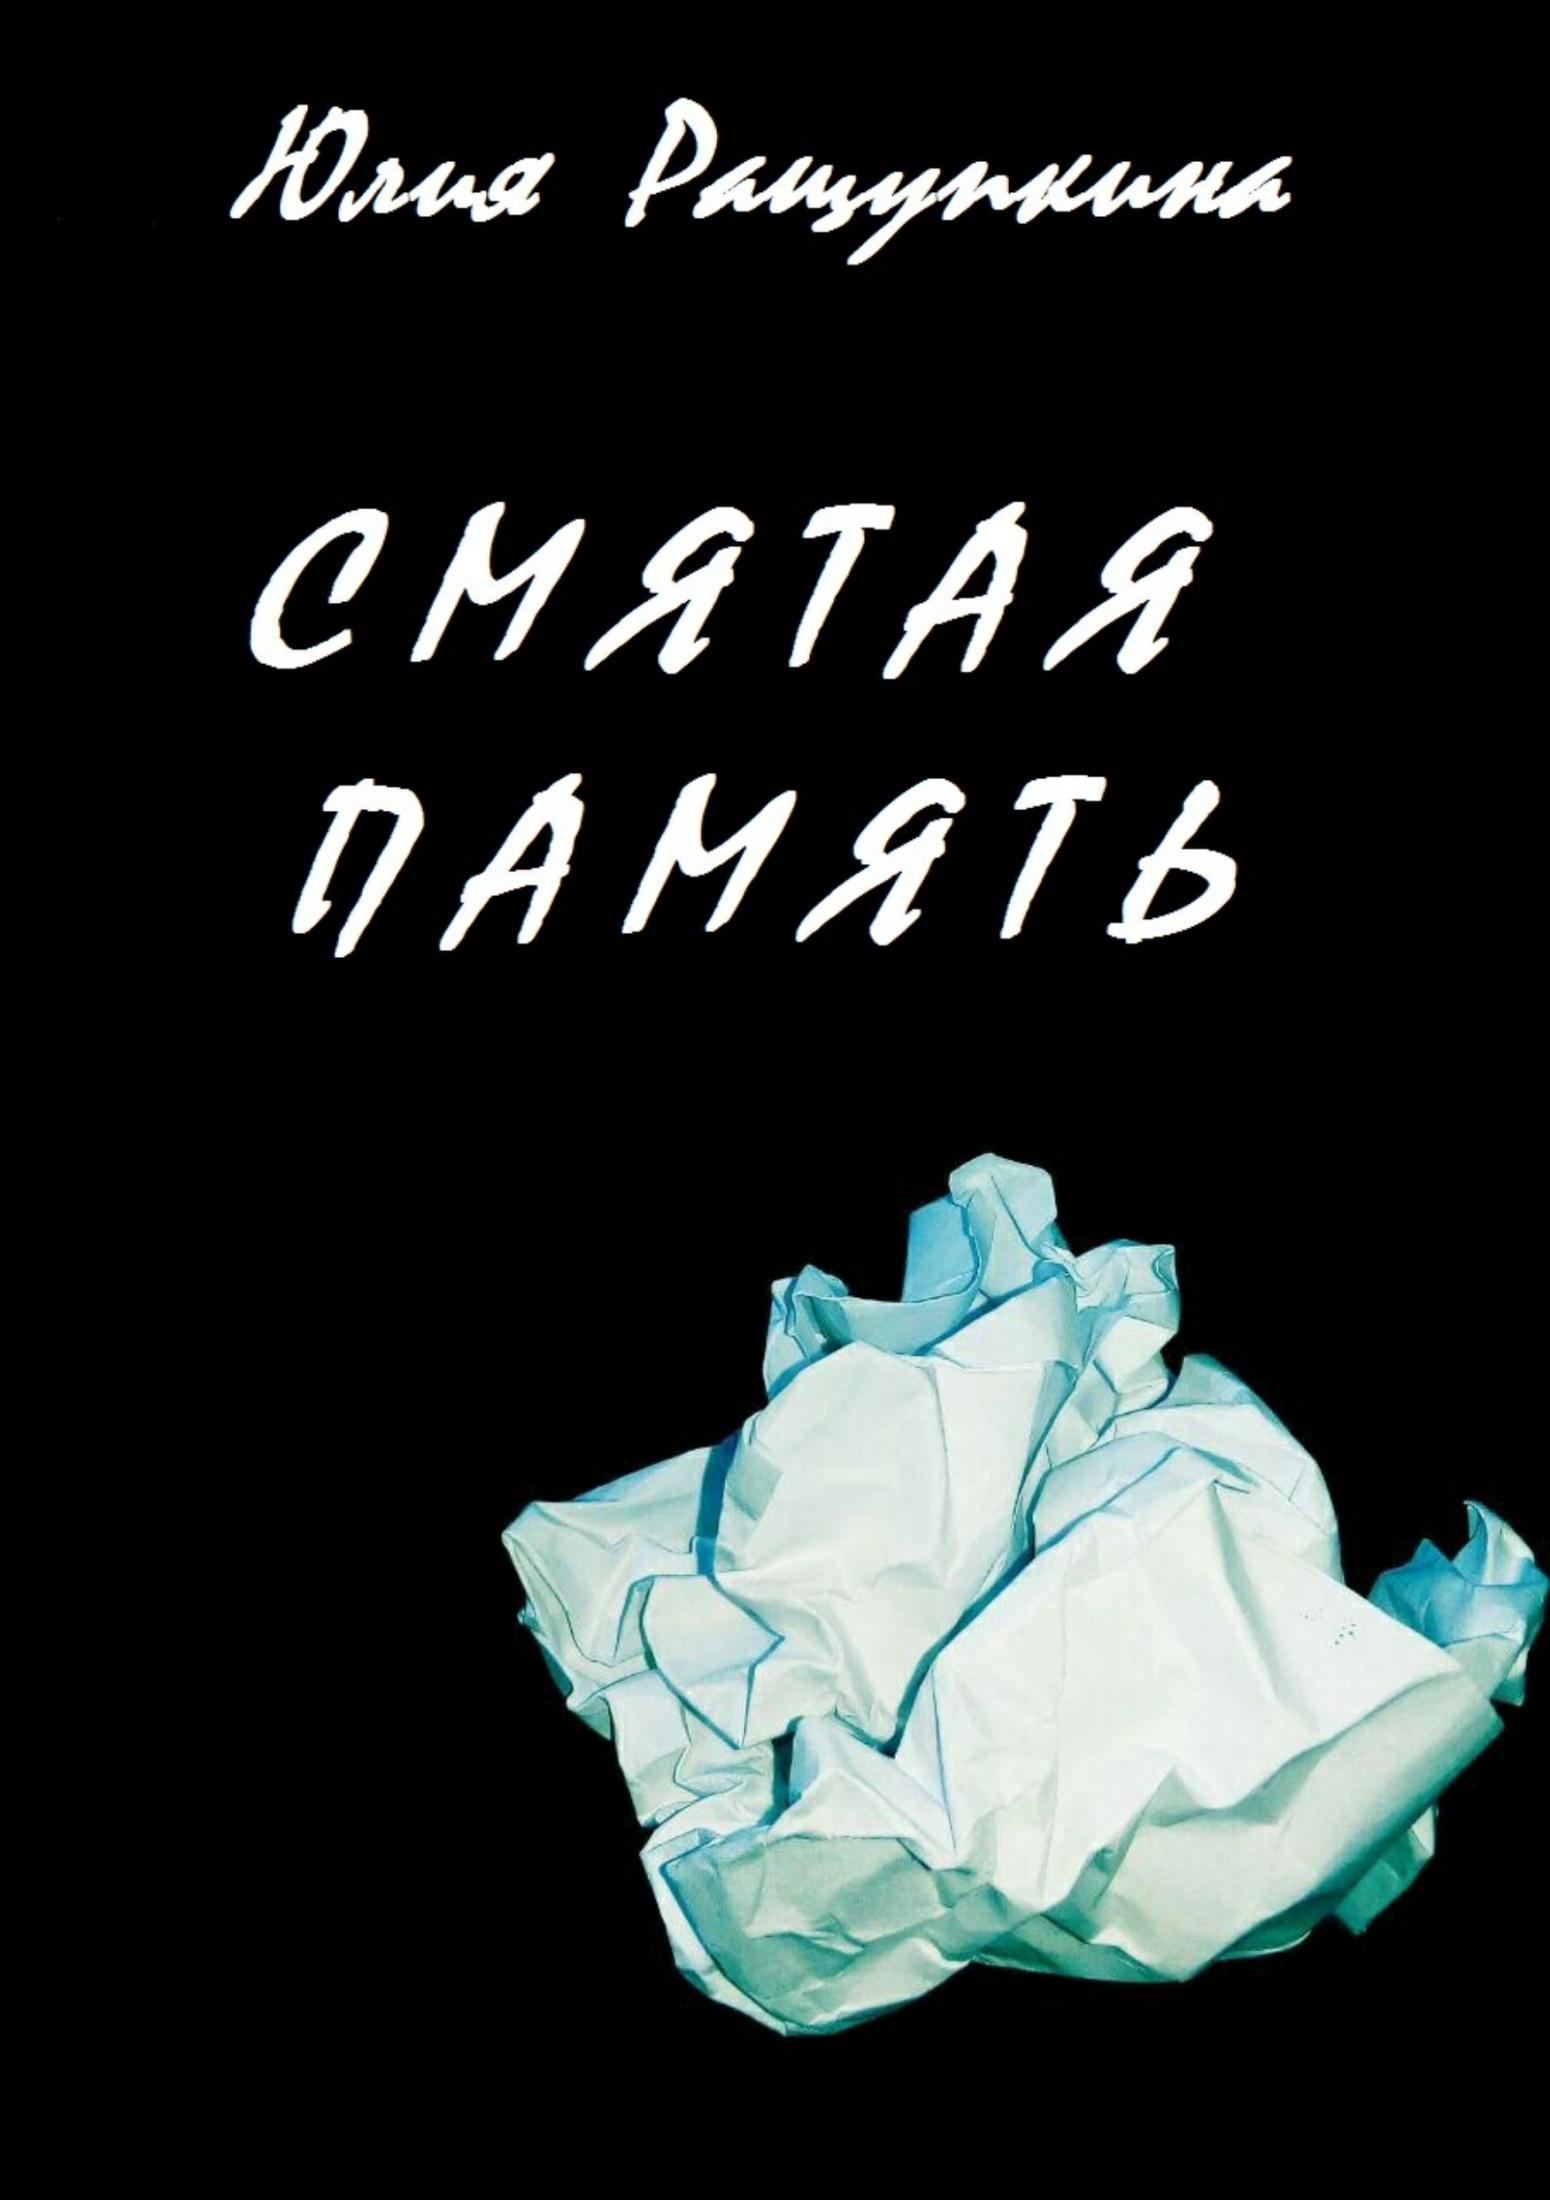 Юлия Павловна Ращупкина. Смятая память